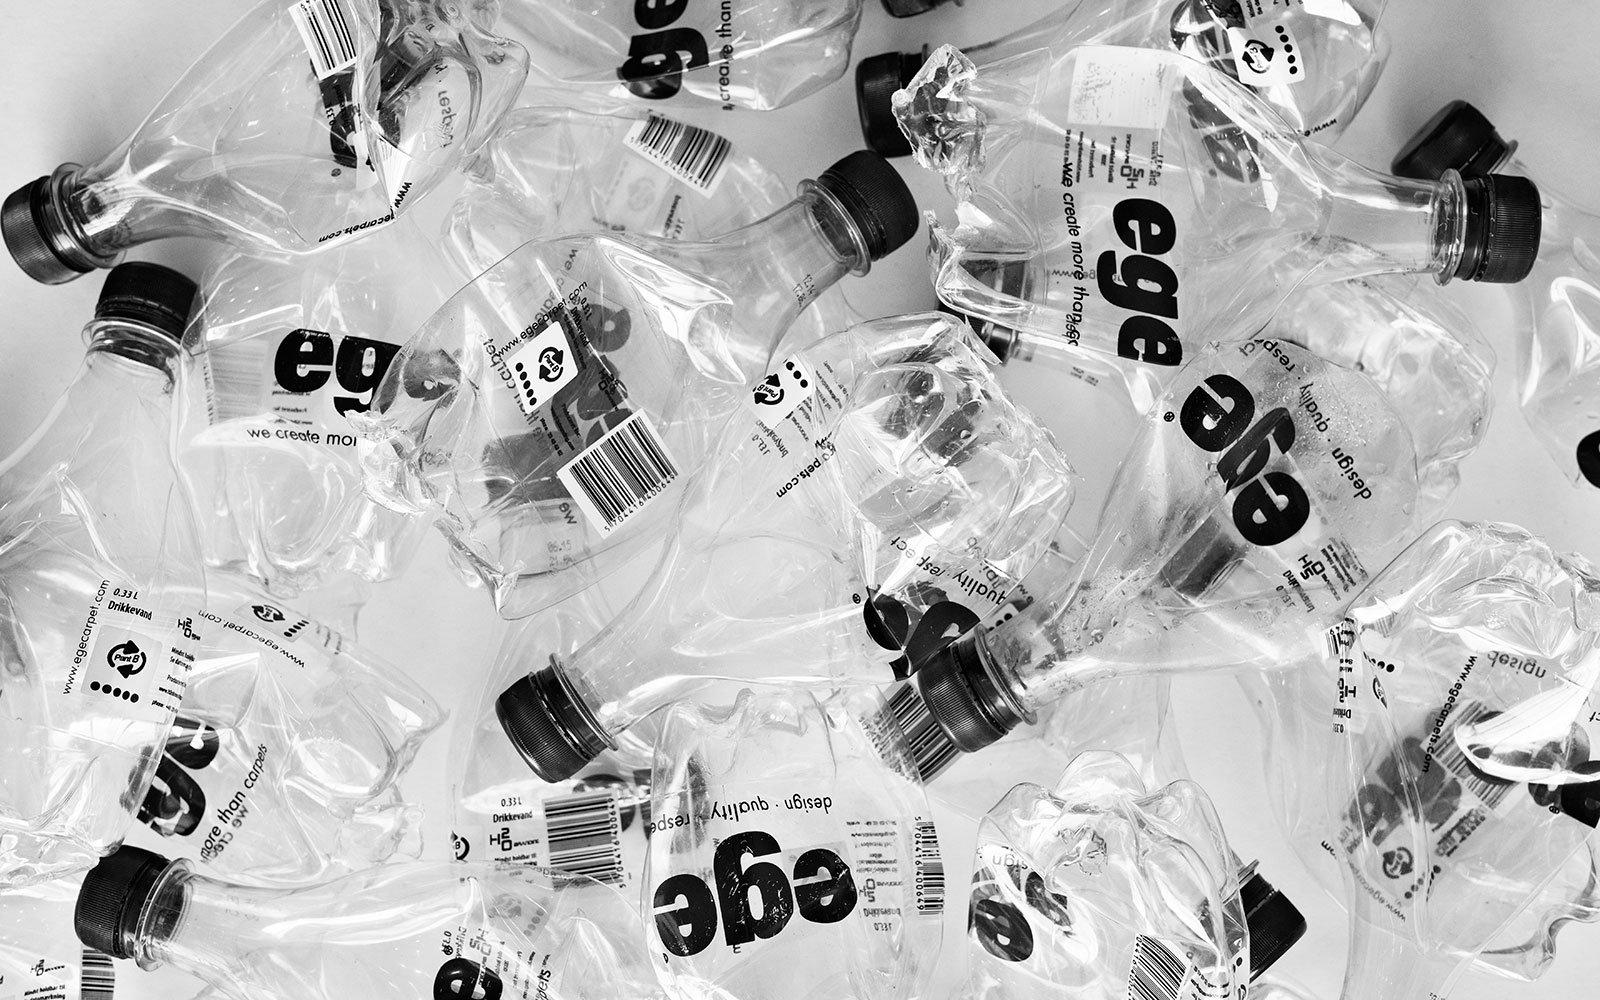 pom_reform-bottles_08-1